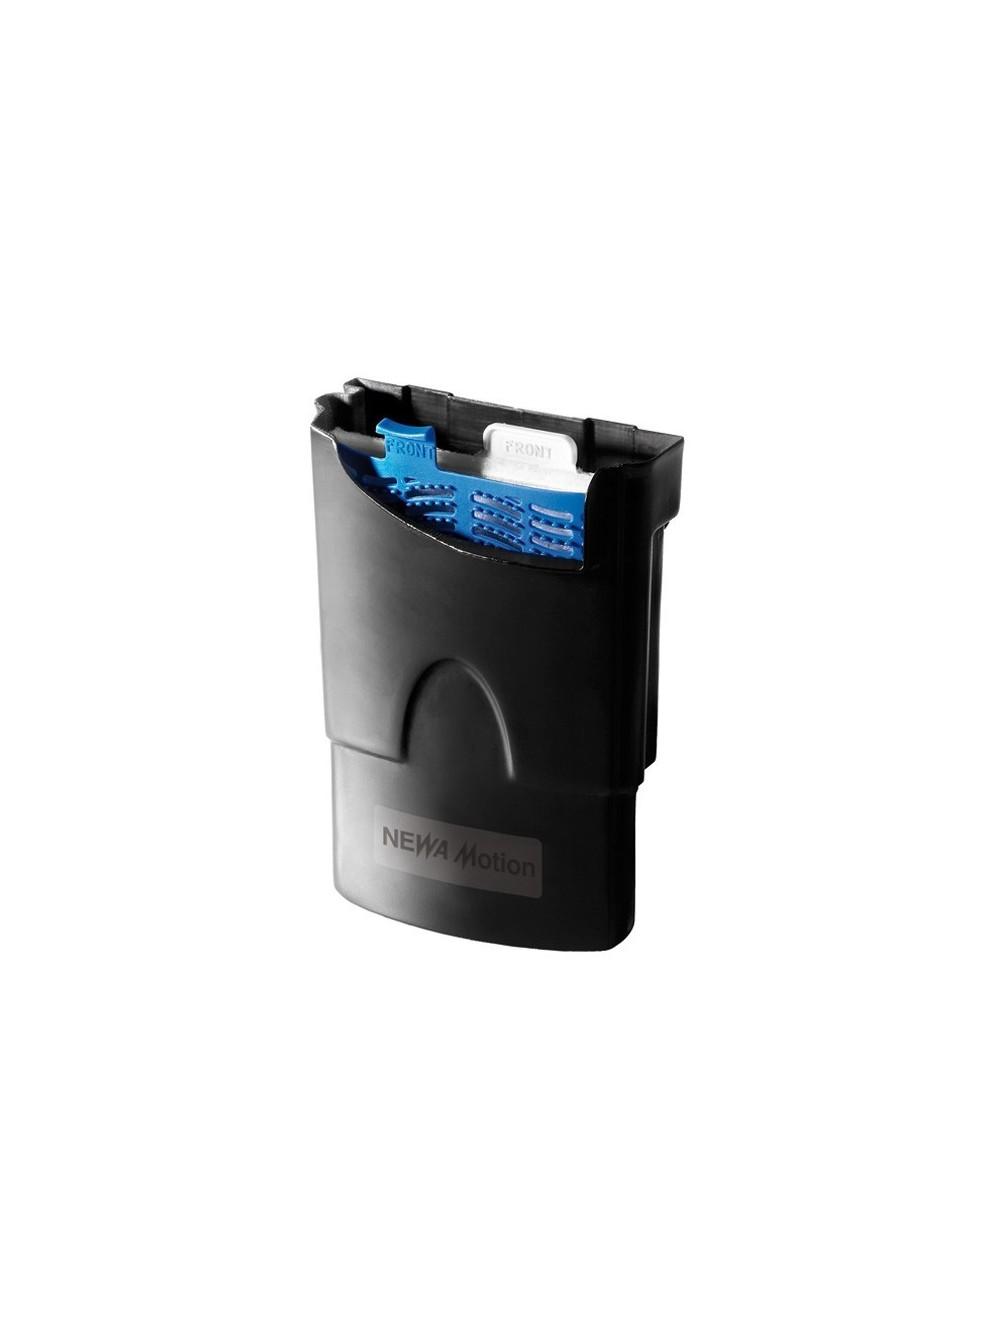 Newa motion internal filter nwm 300 filtro per acquario for Filtro per acquario tartarughe